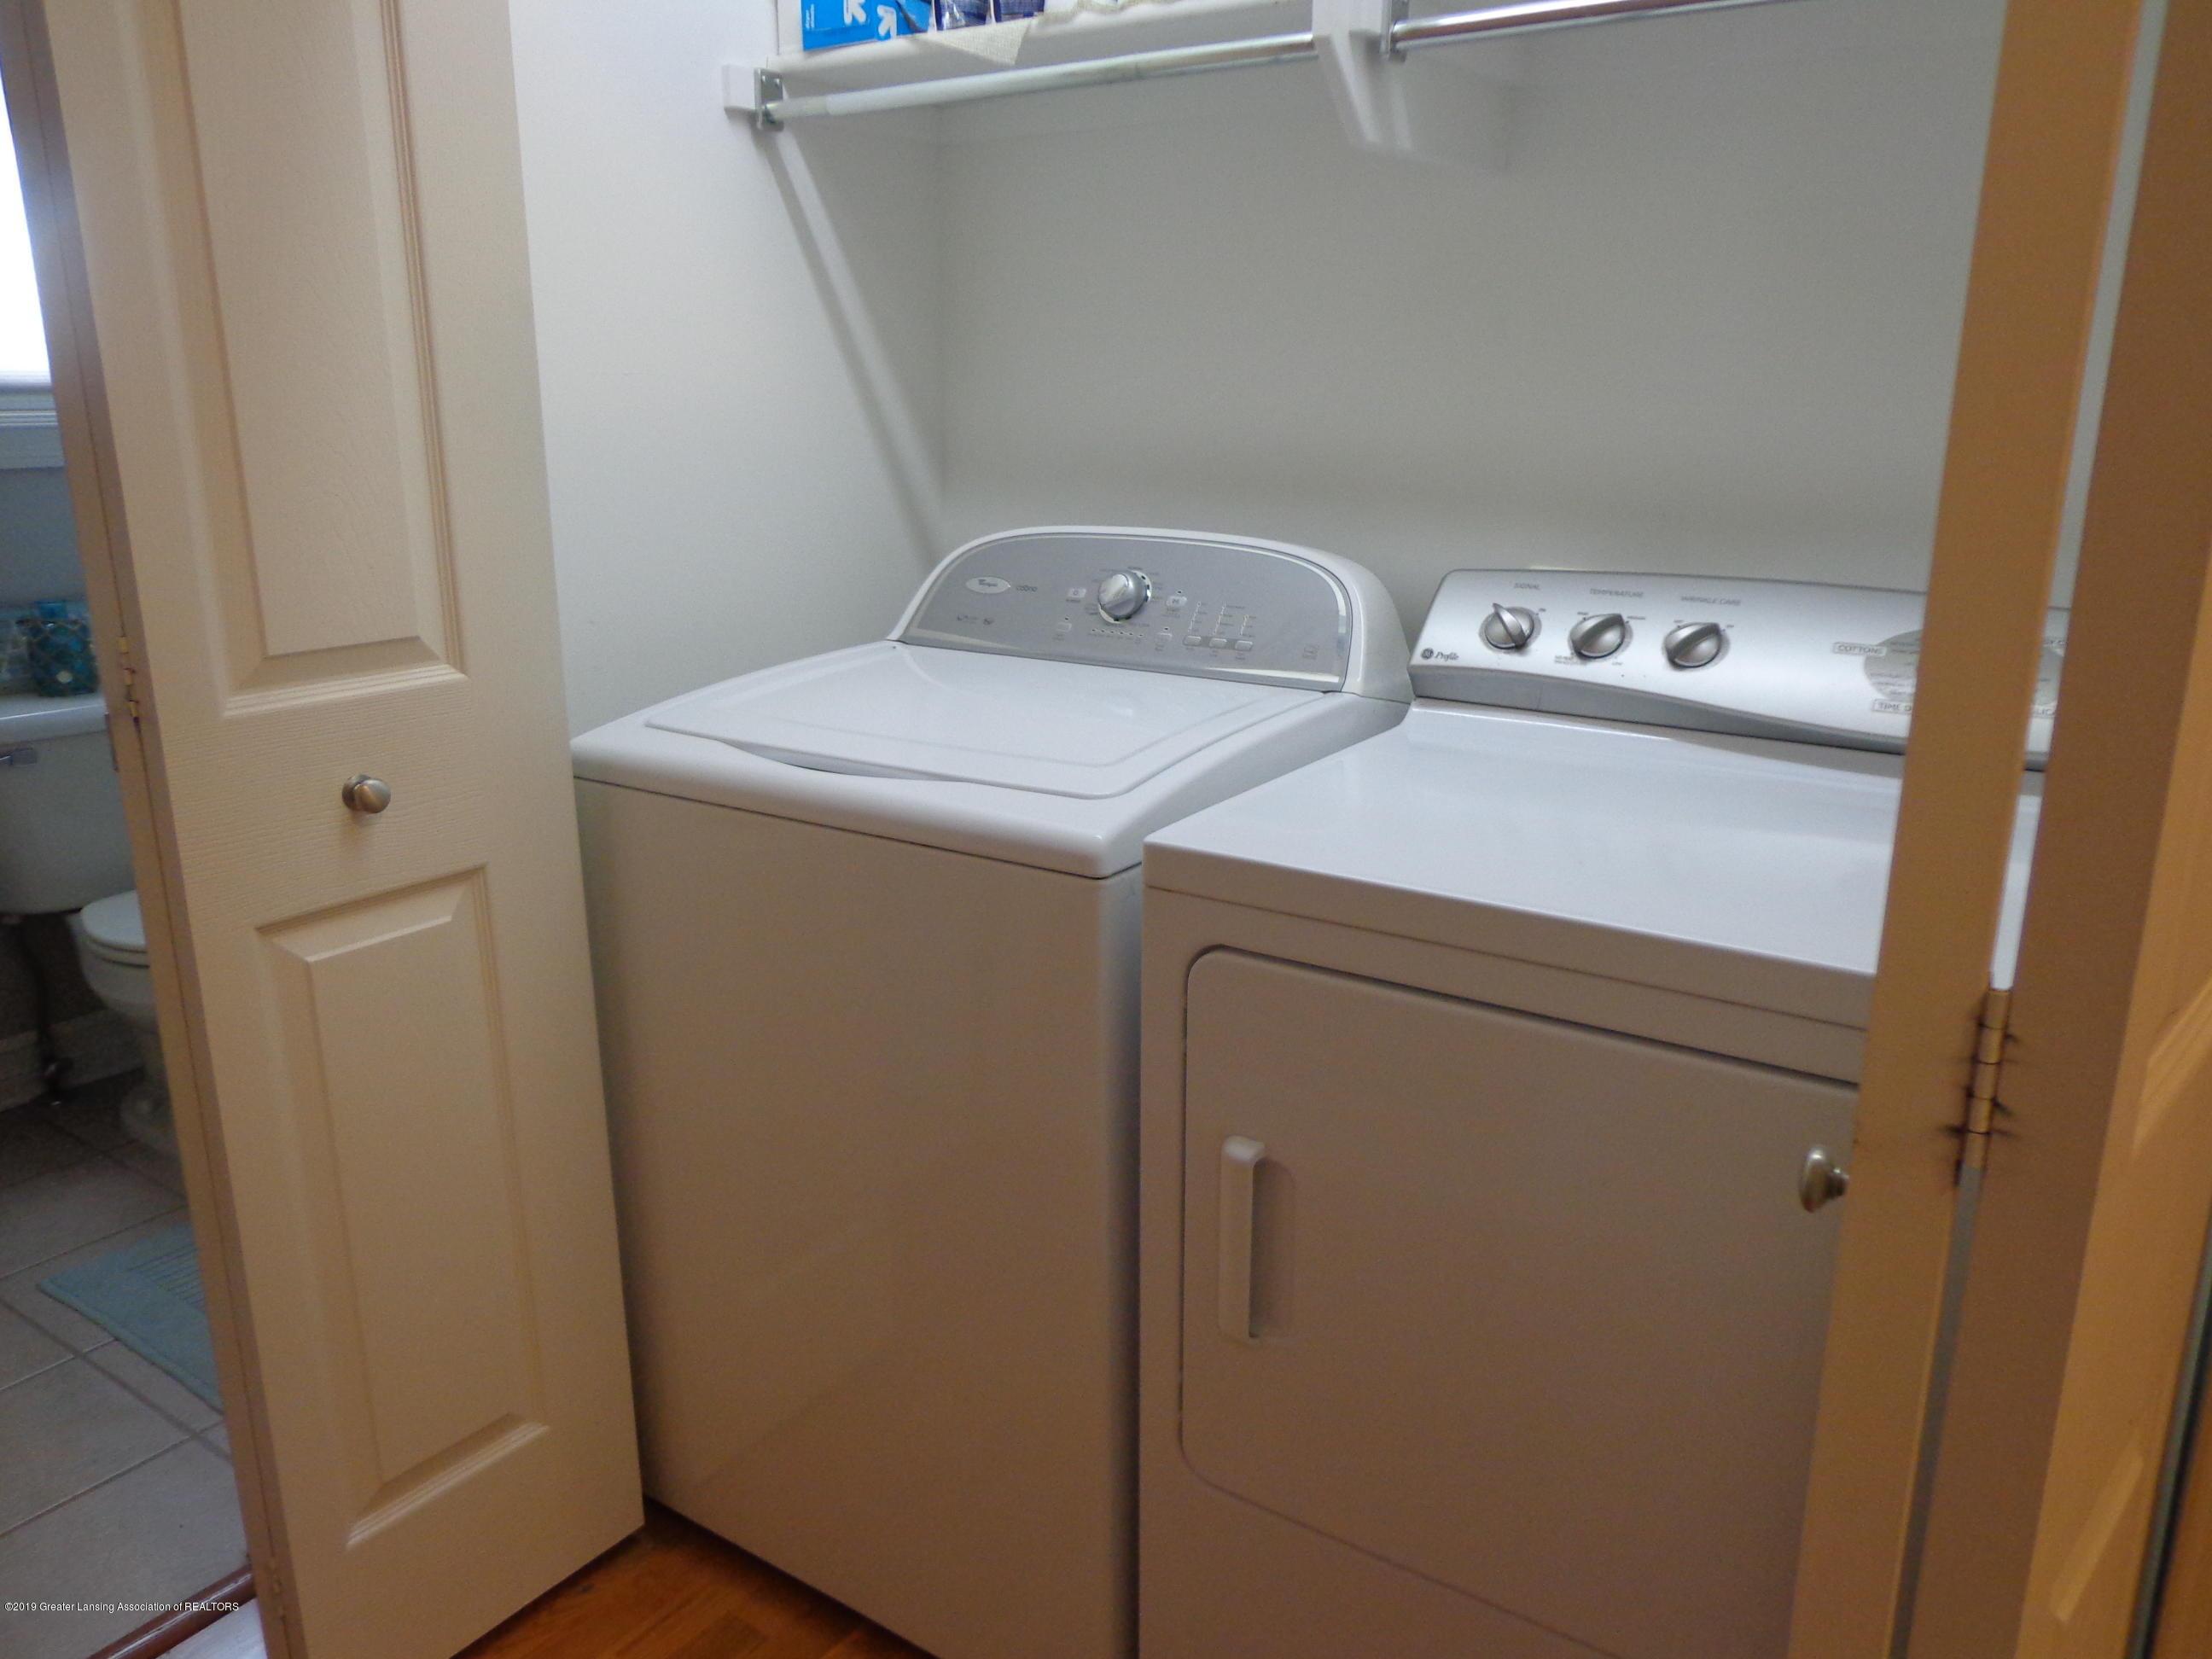 6230 Hilltop Ct 6 - 1st flor laundry - 16